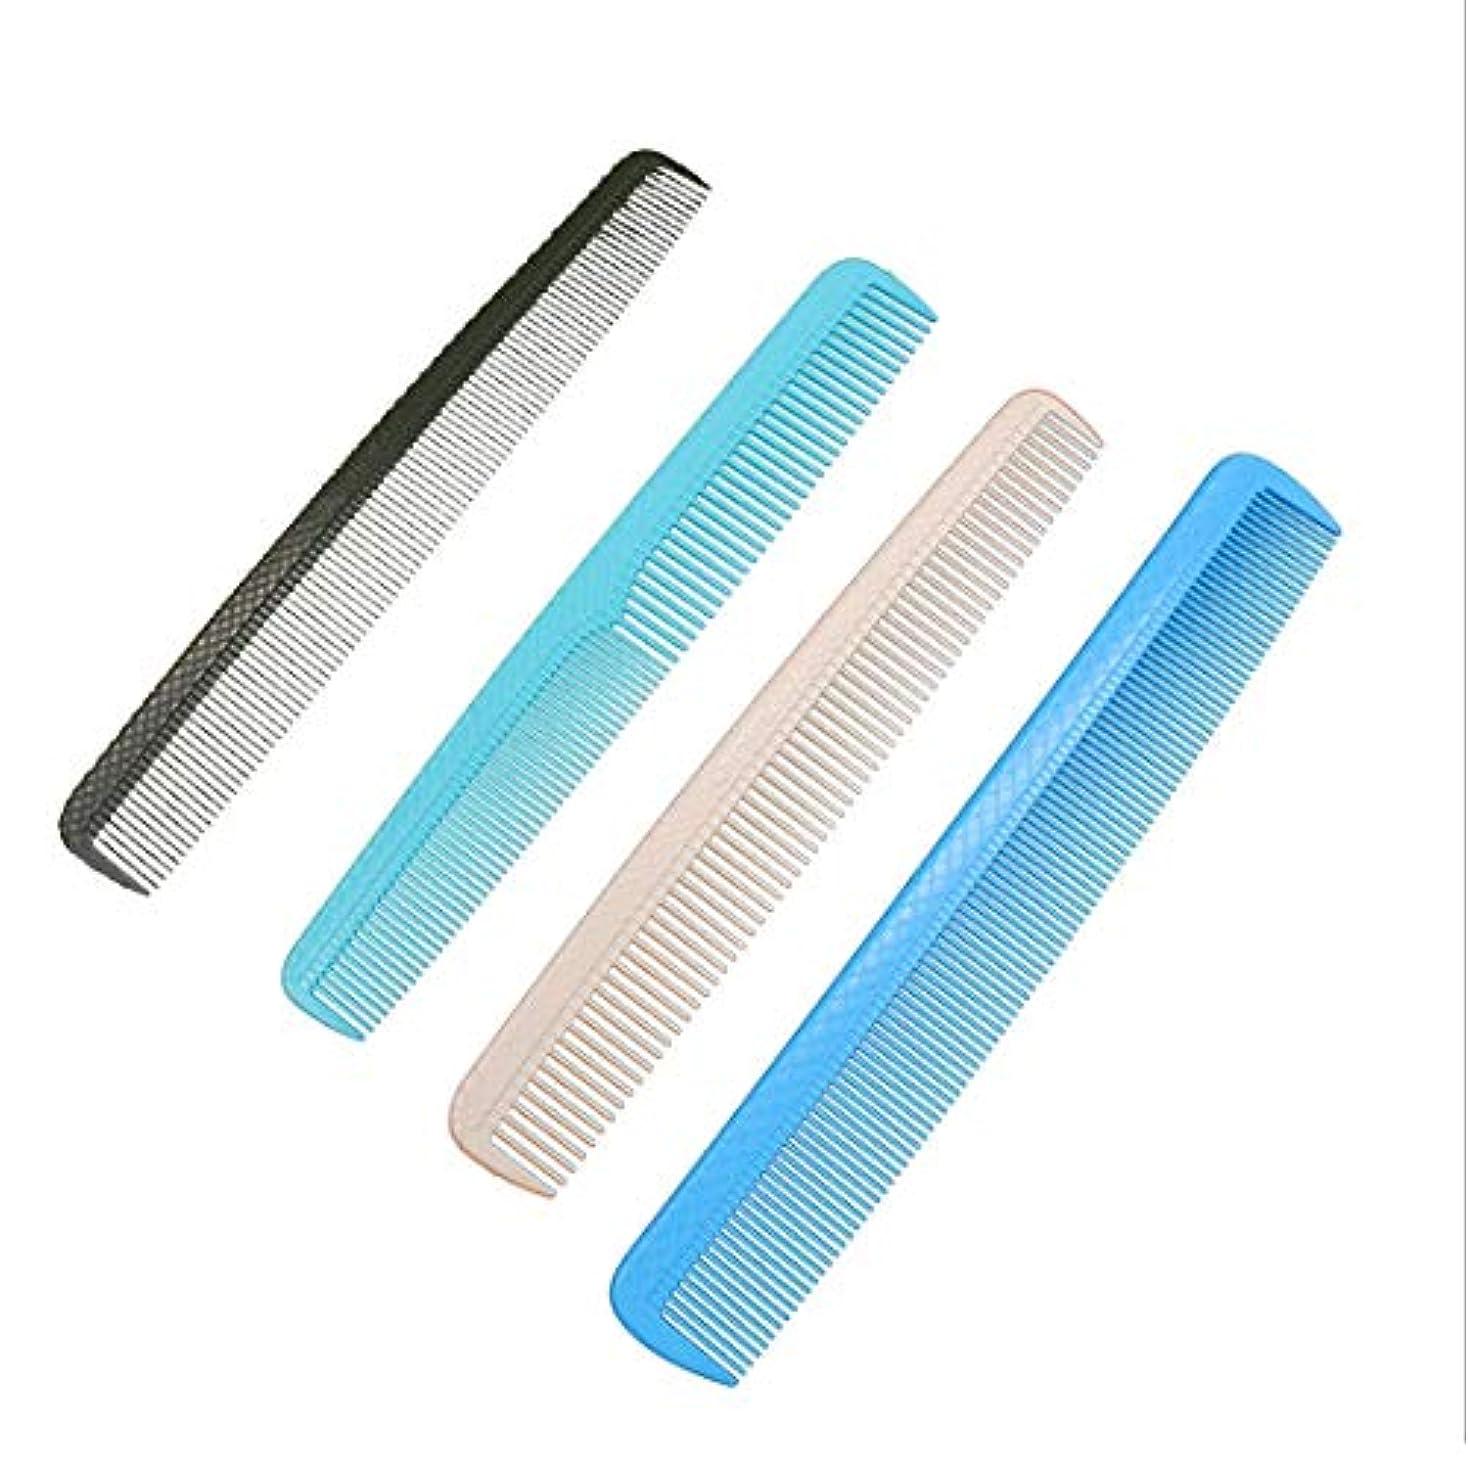 ローラーローマ人夏Guomao 折り畳み式のくしプラスチック毛のくし帯電防止くし極薄ハンドルくし (サイズ : A5)